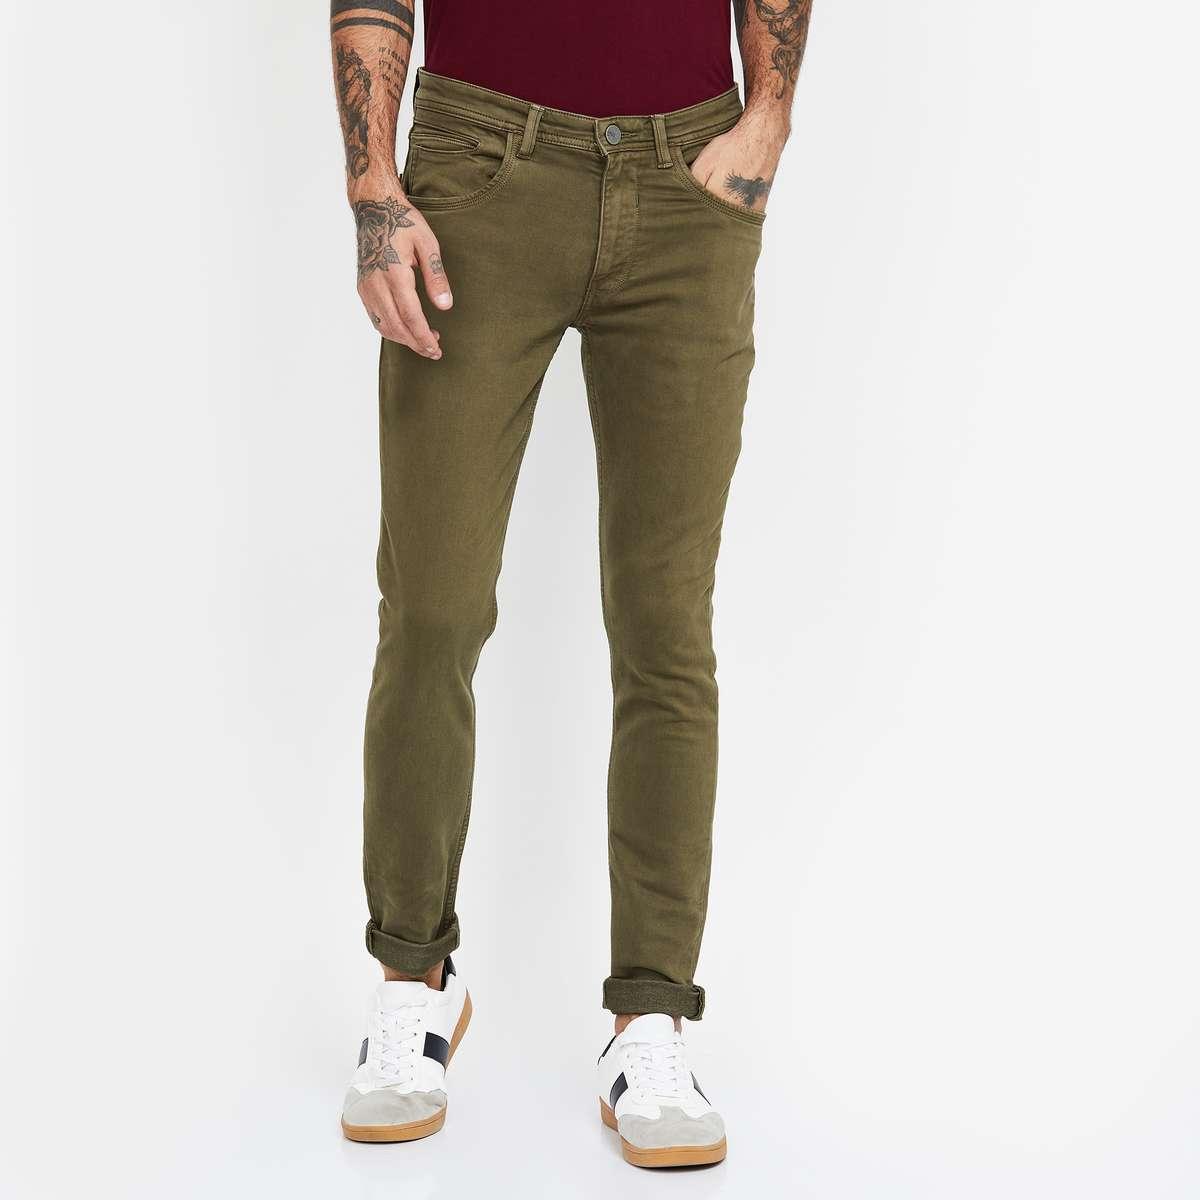 6.V DOT Solid Slim Fit Jeans